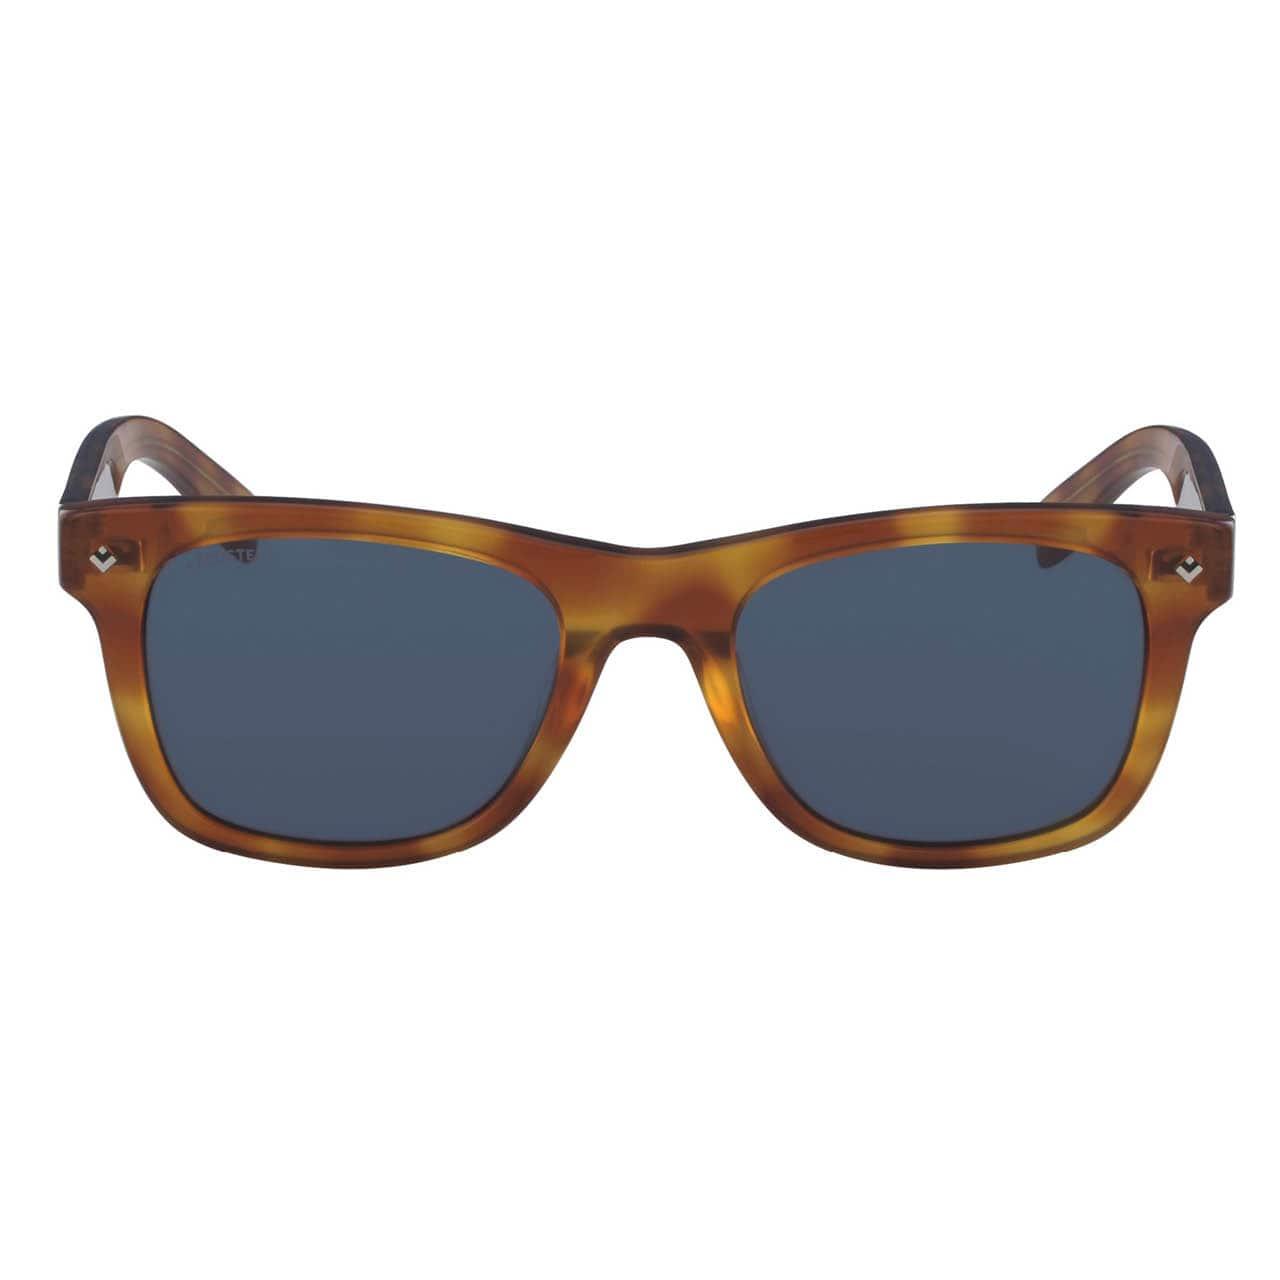 Unisex Plastic Rectangular 85° Anniversary L.12.12 Sunglasses